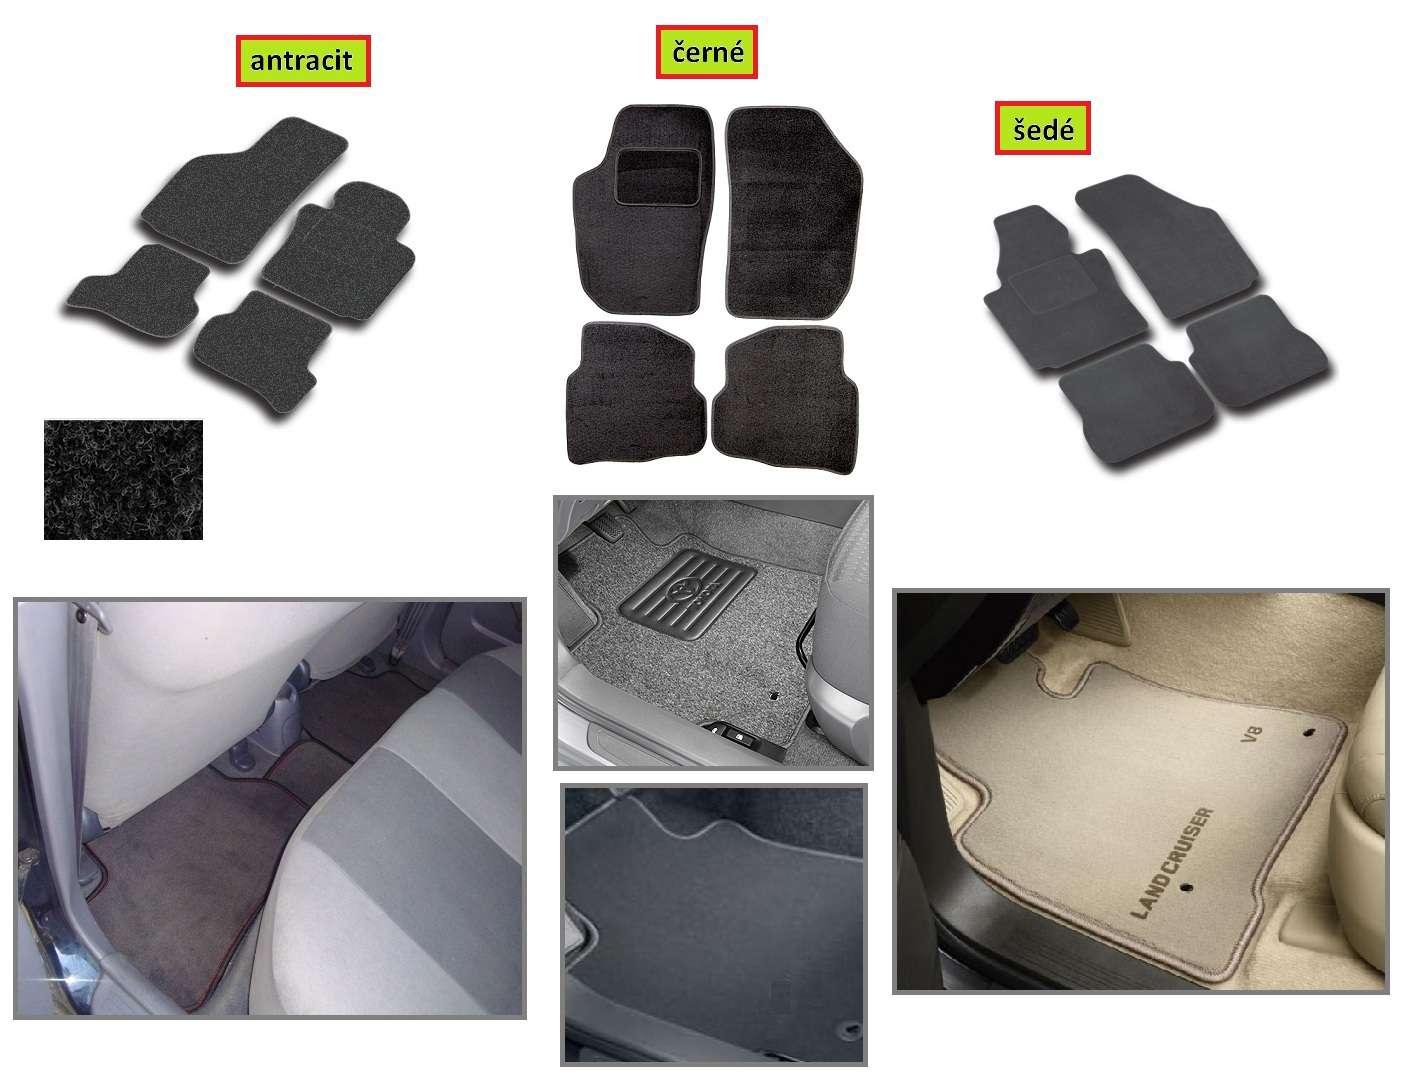 hdt Přesné textilní koberce Mitsubishi Colt 5dv. 2008r a výše (topení v zadu) autokoberce antracit